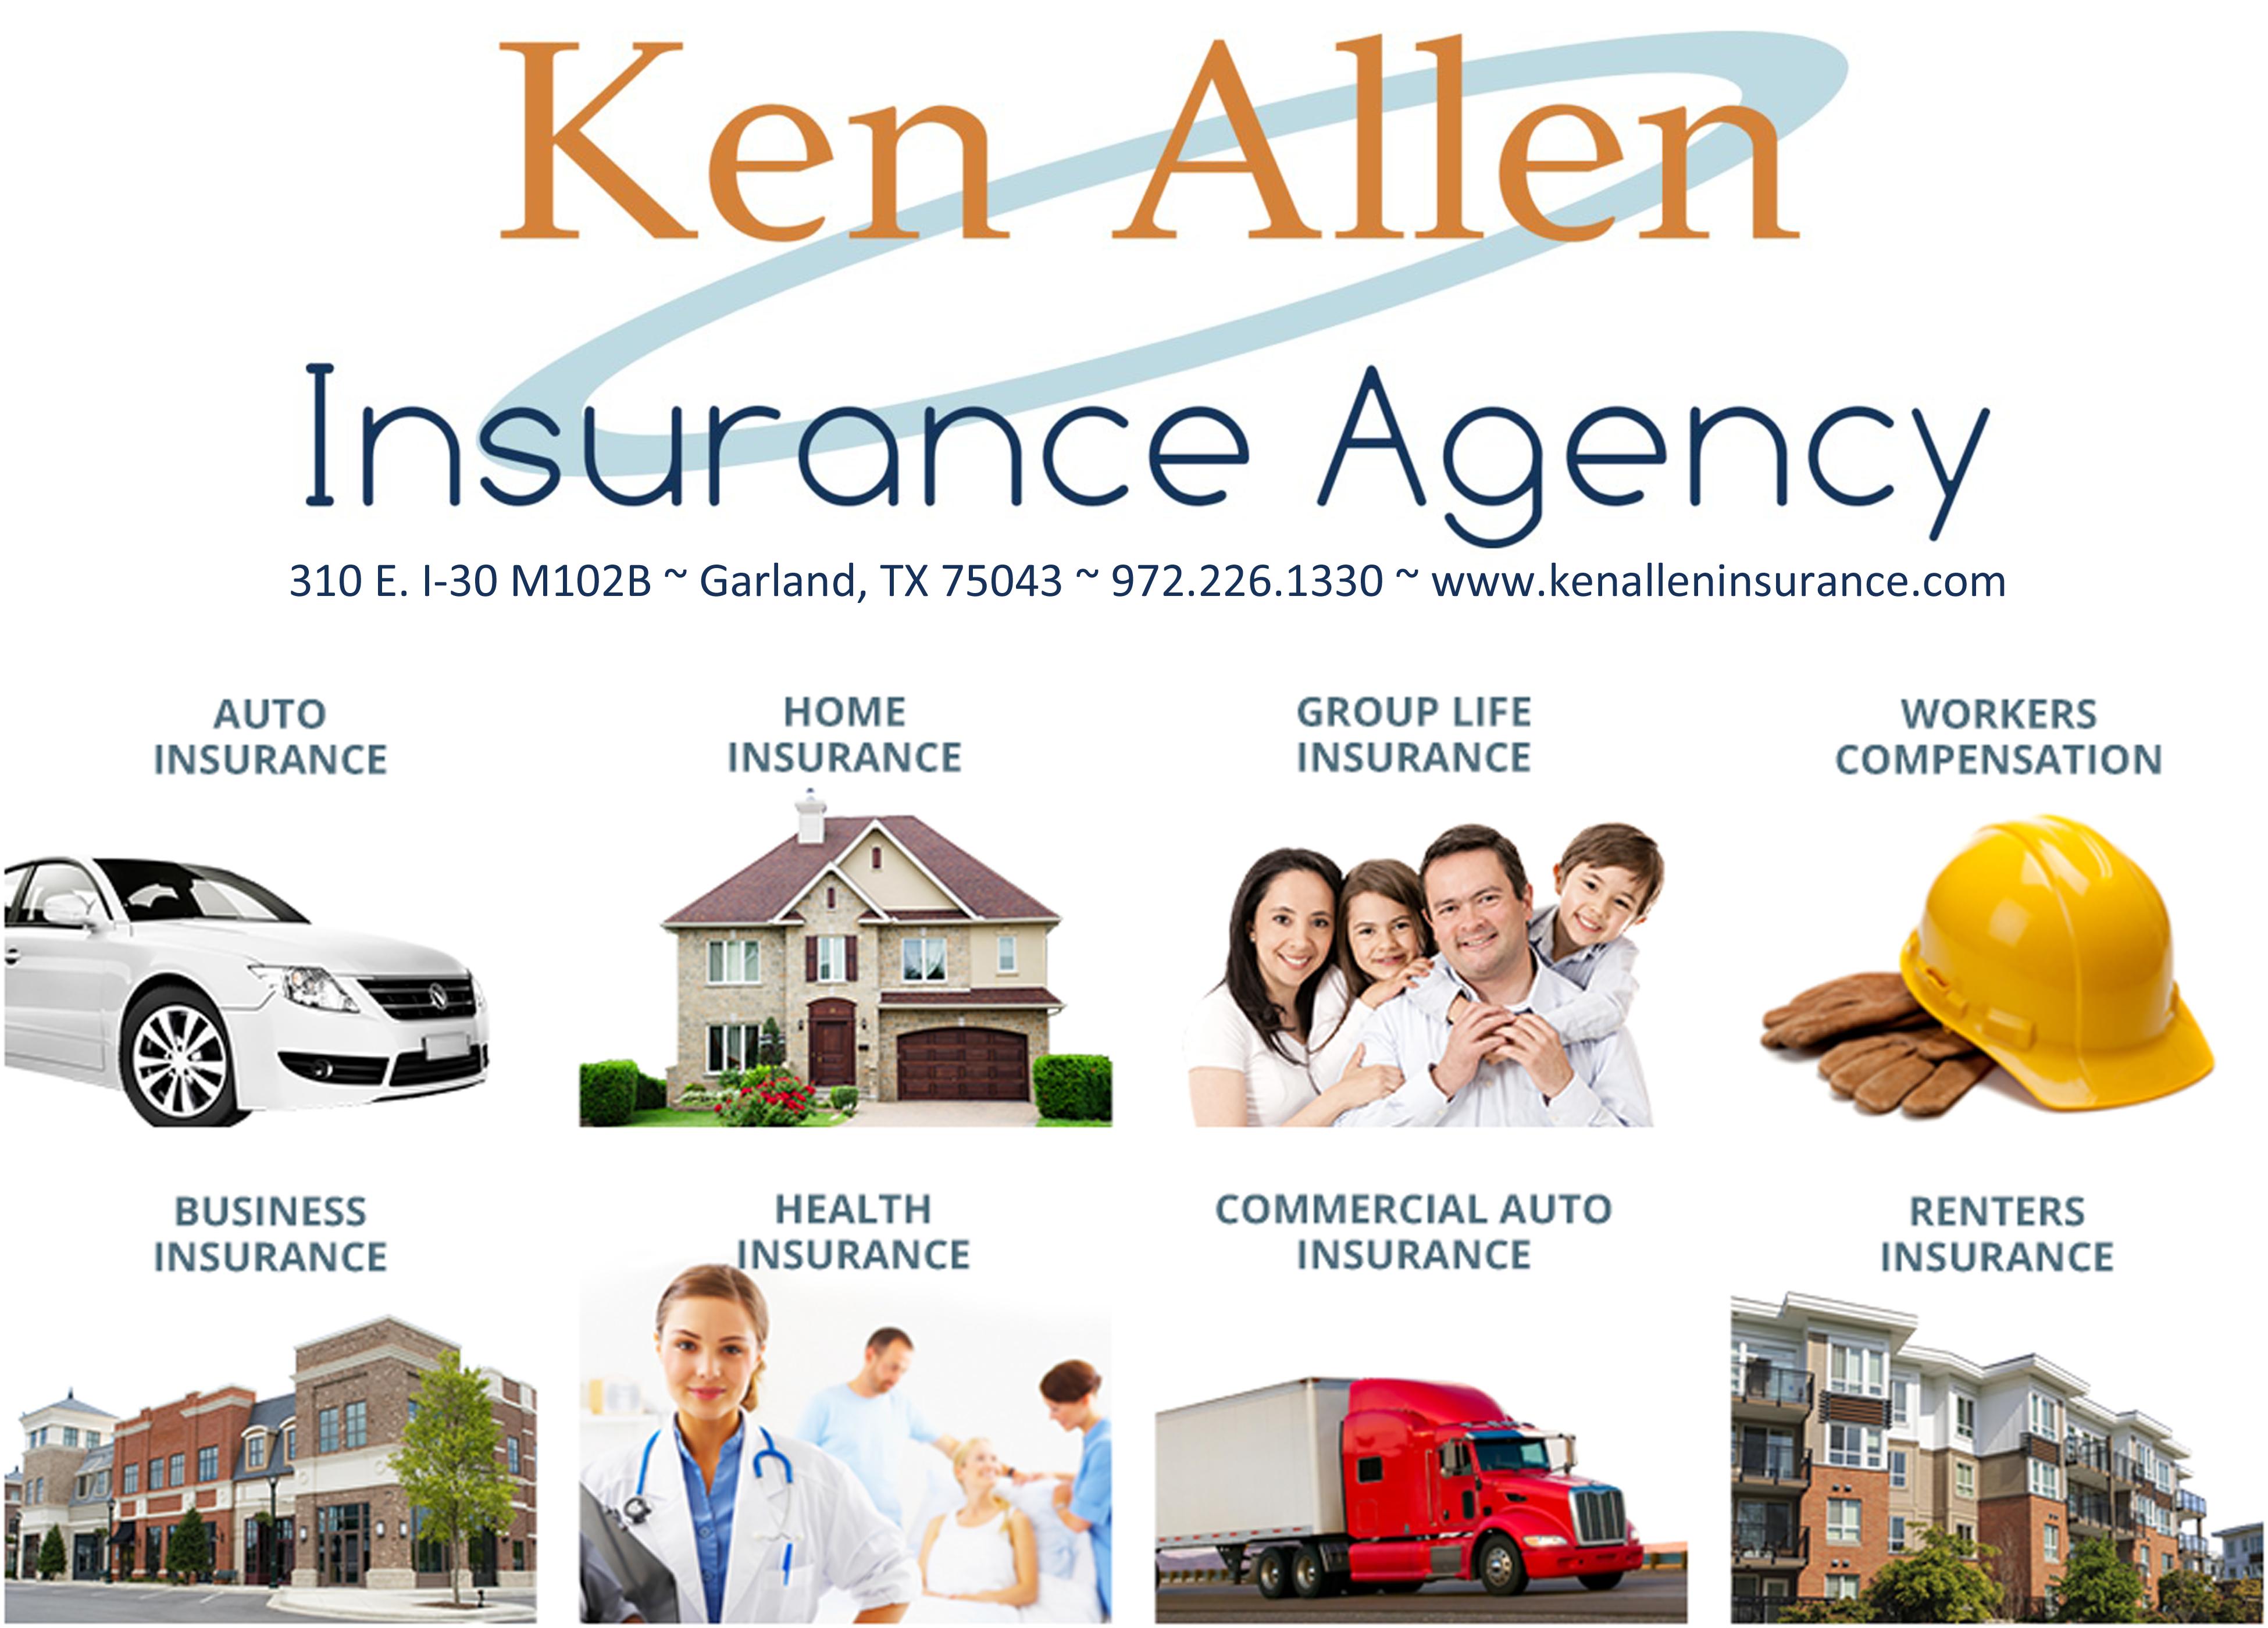 Ken Allen Insurance Agency Customer Reviews   Page 1